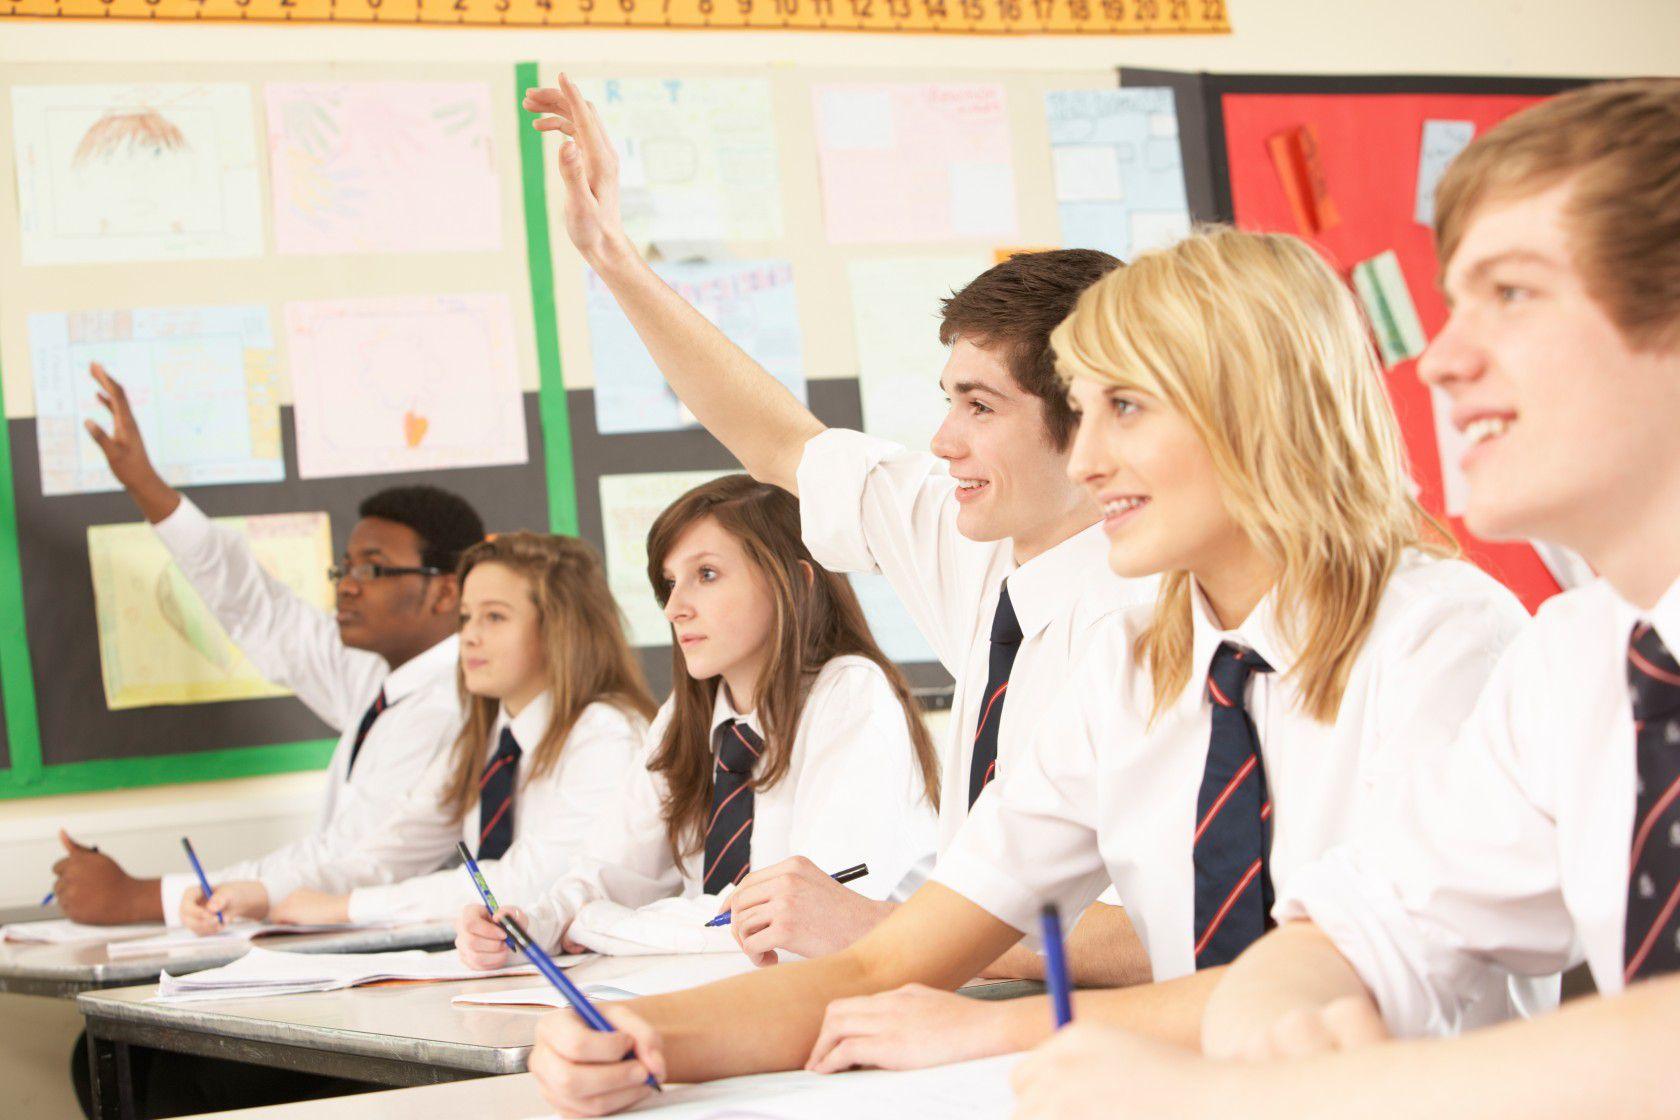 Lise Son Sınıfı Amerika'da Okuyup Bir Amerika Lisesinden Mezun Olmak Nasıl Olur?